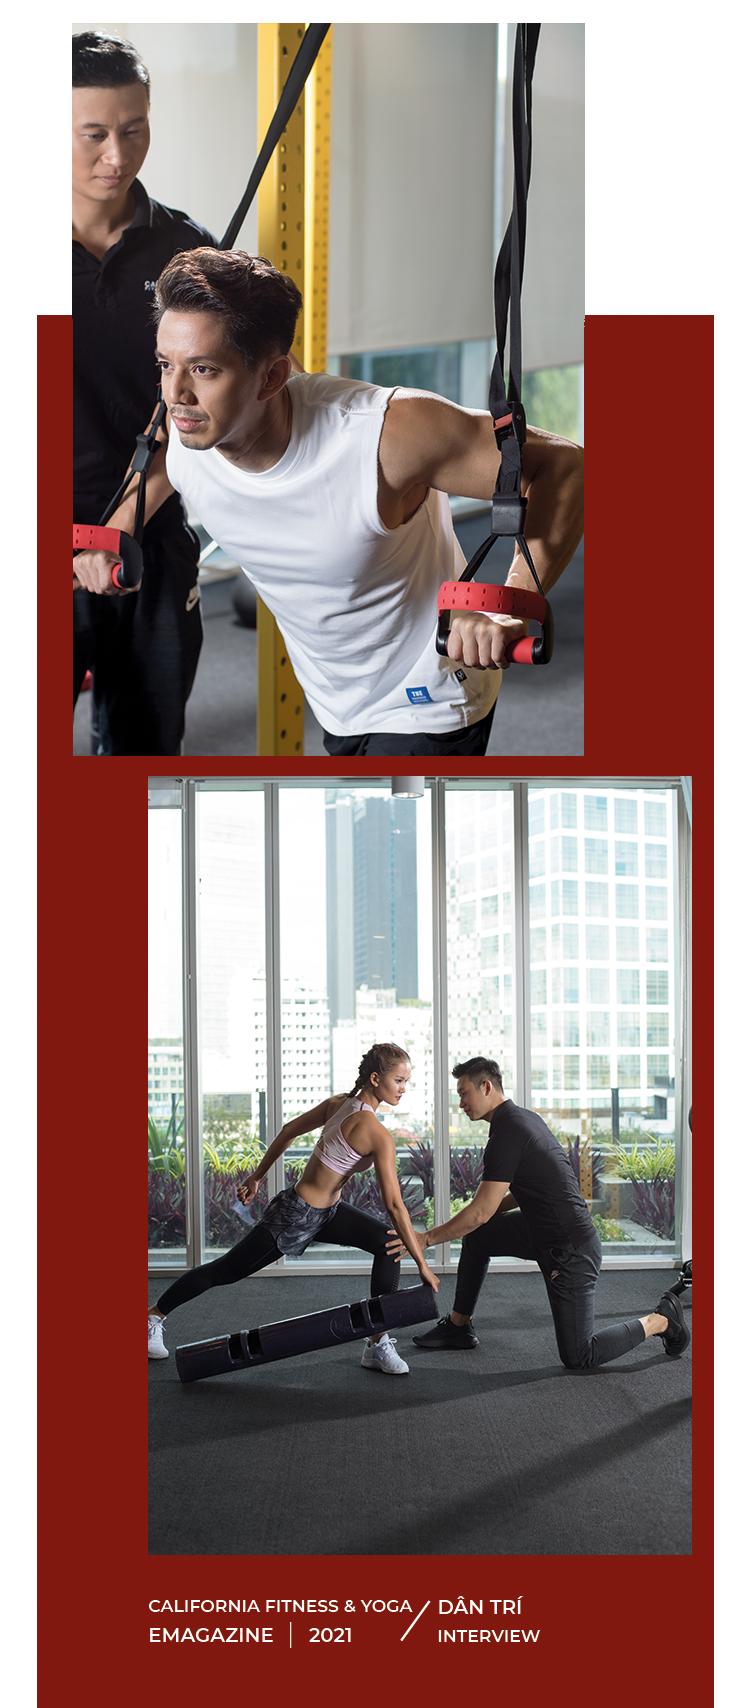 CEO của California Fitness  Yoga: Xe có thể thay mới nhưng cơ thể của bạn thì không - 8